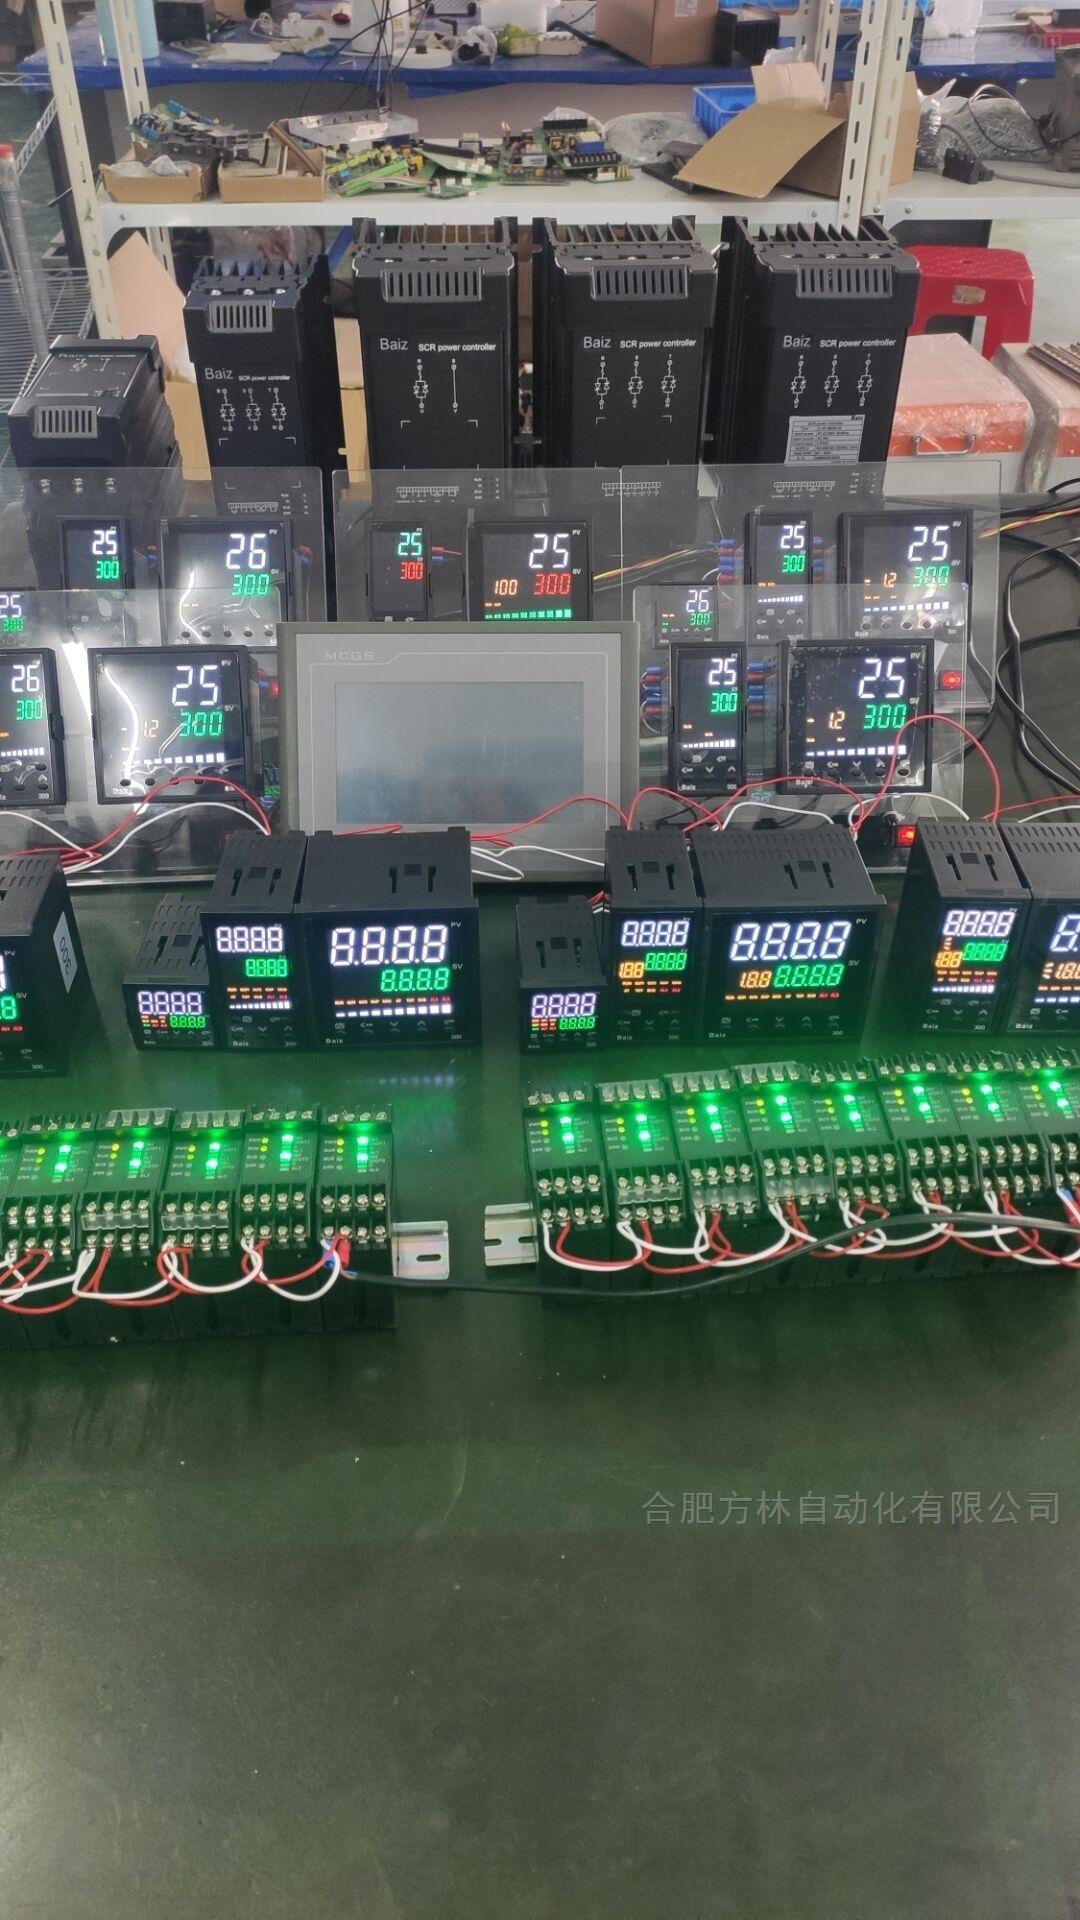 现货销售Baiz百丈温控器S319-T083010-300